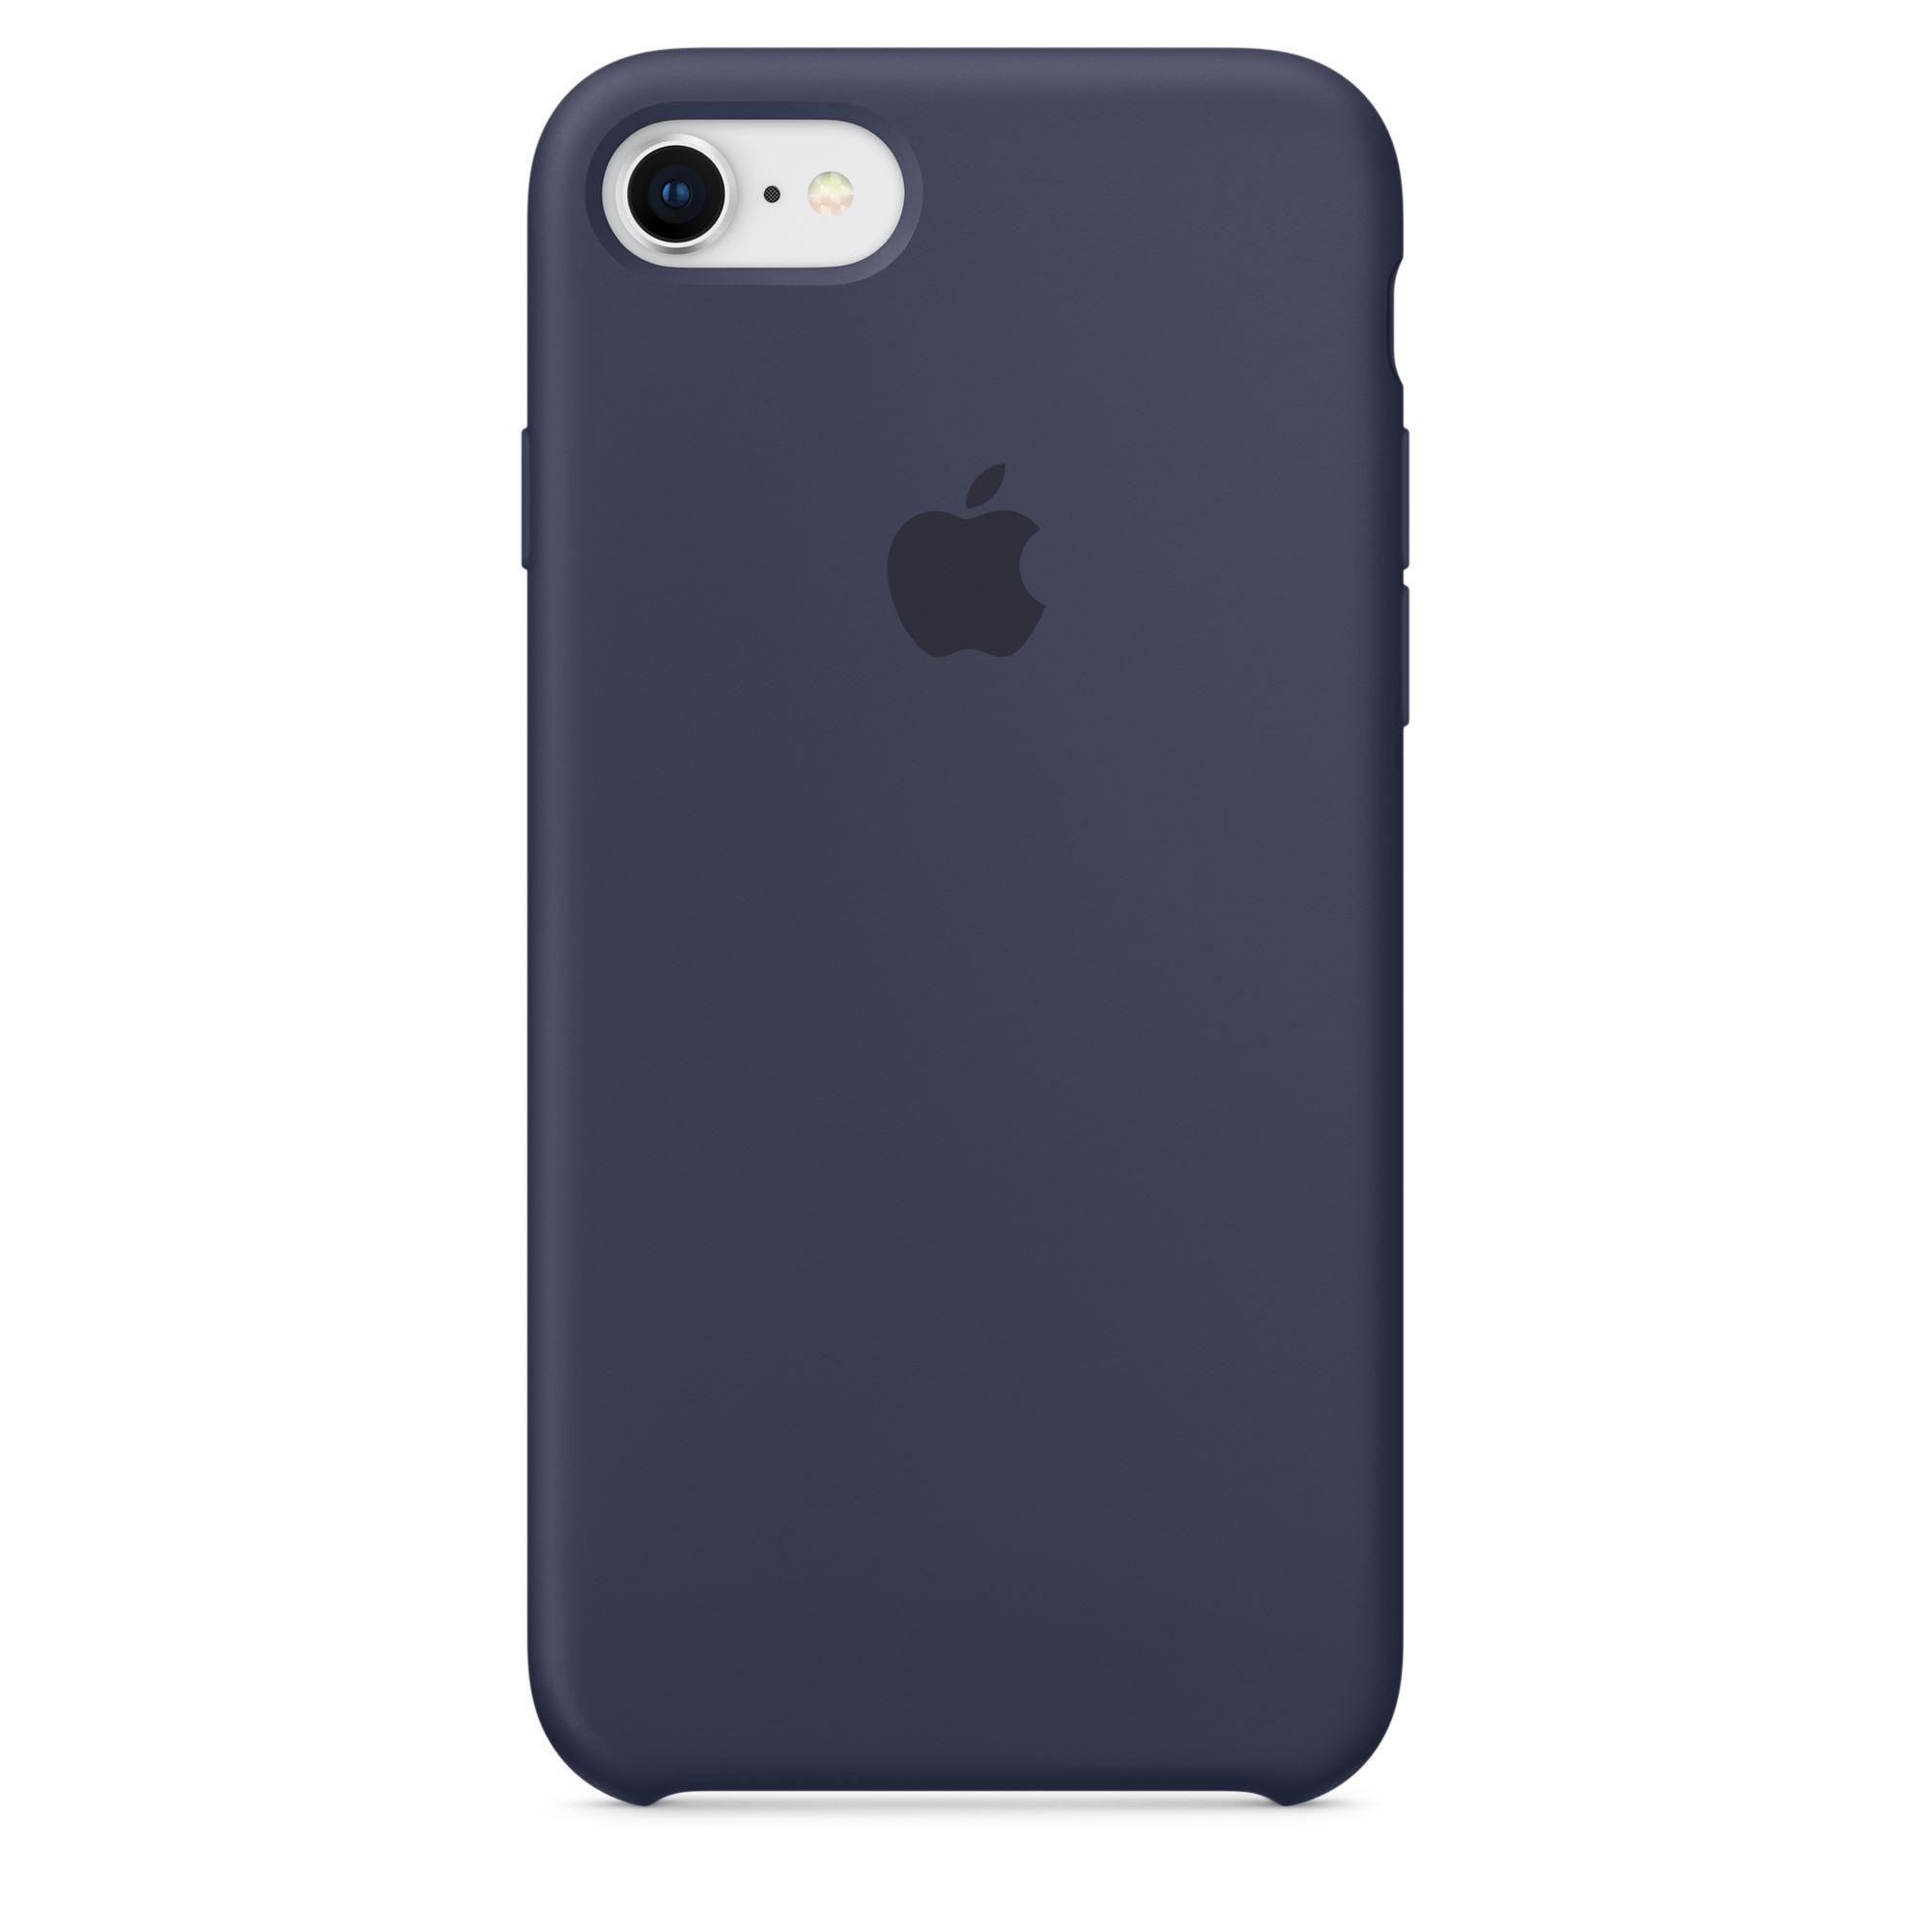 Apple silikonový kryt na iPhone 8 / 7 – půlnočně modrý